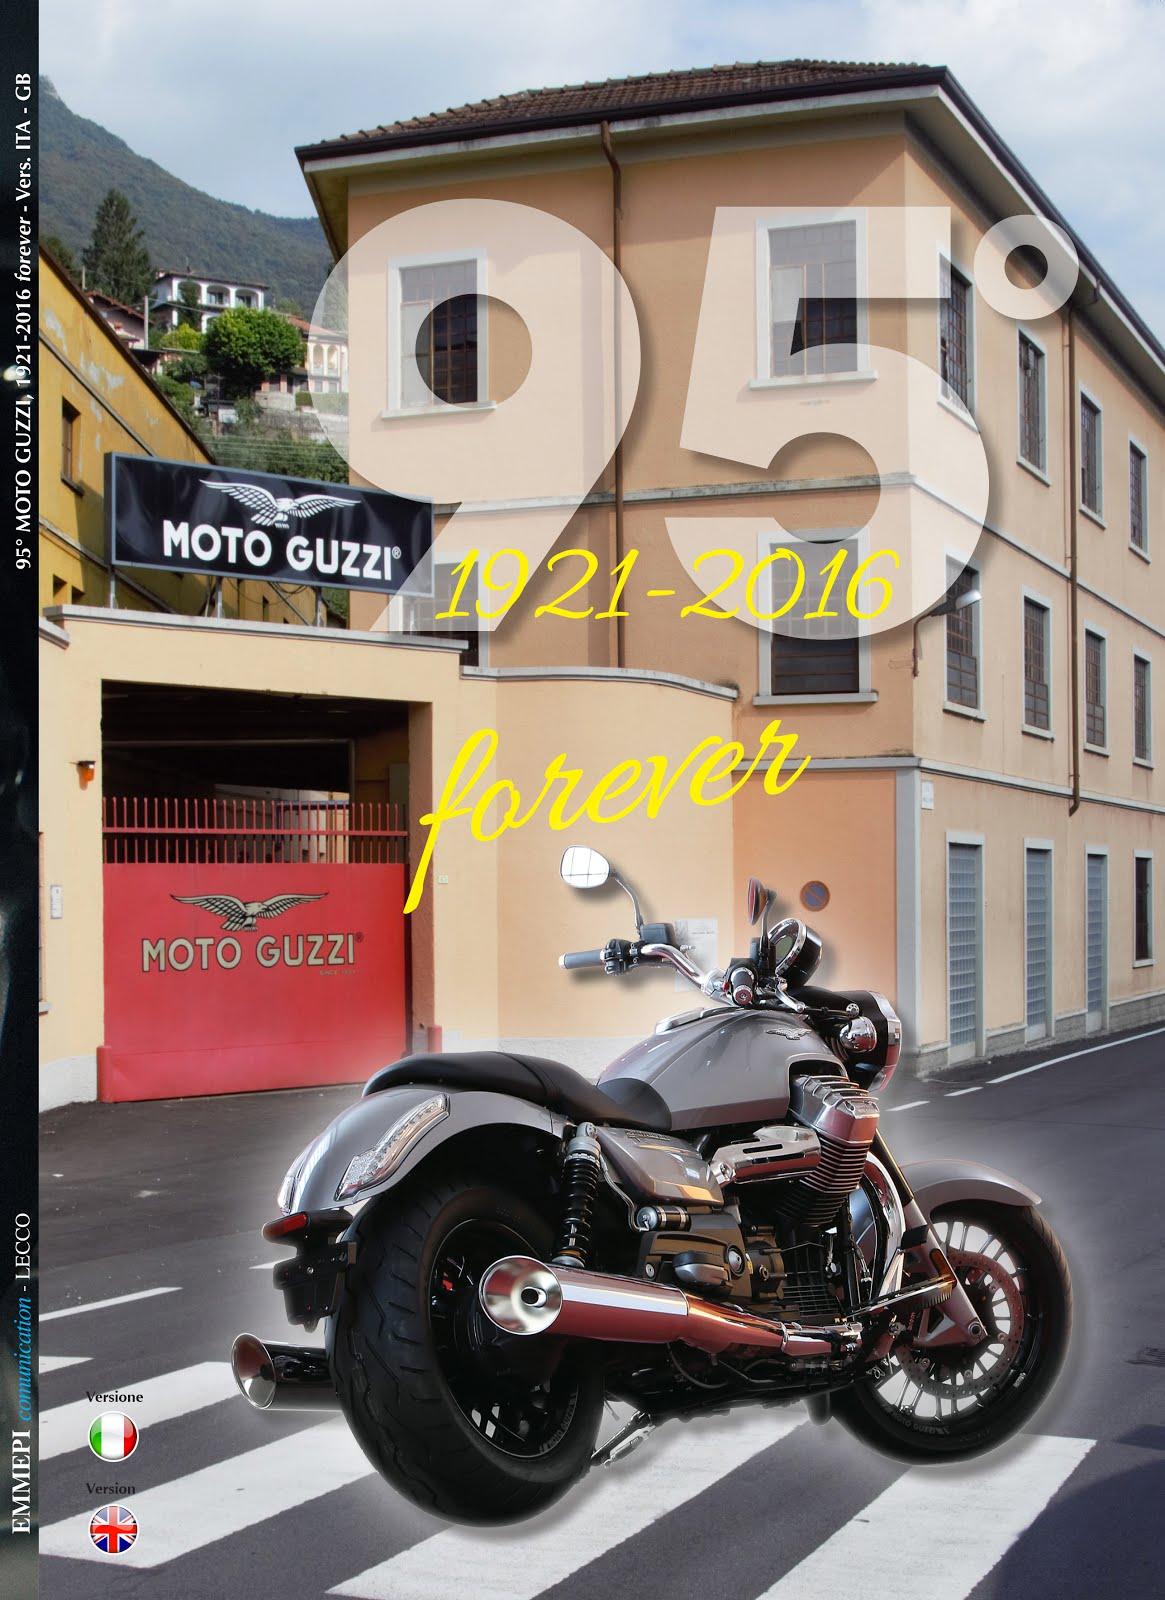 95° Moto Guzzi forever